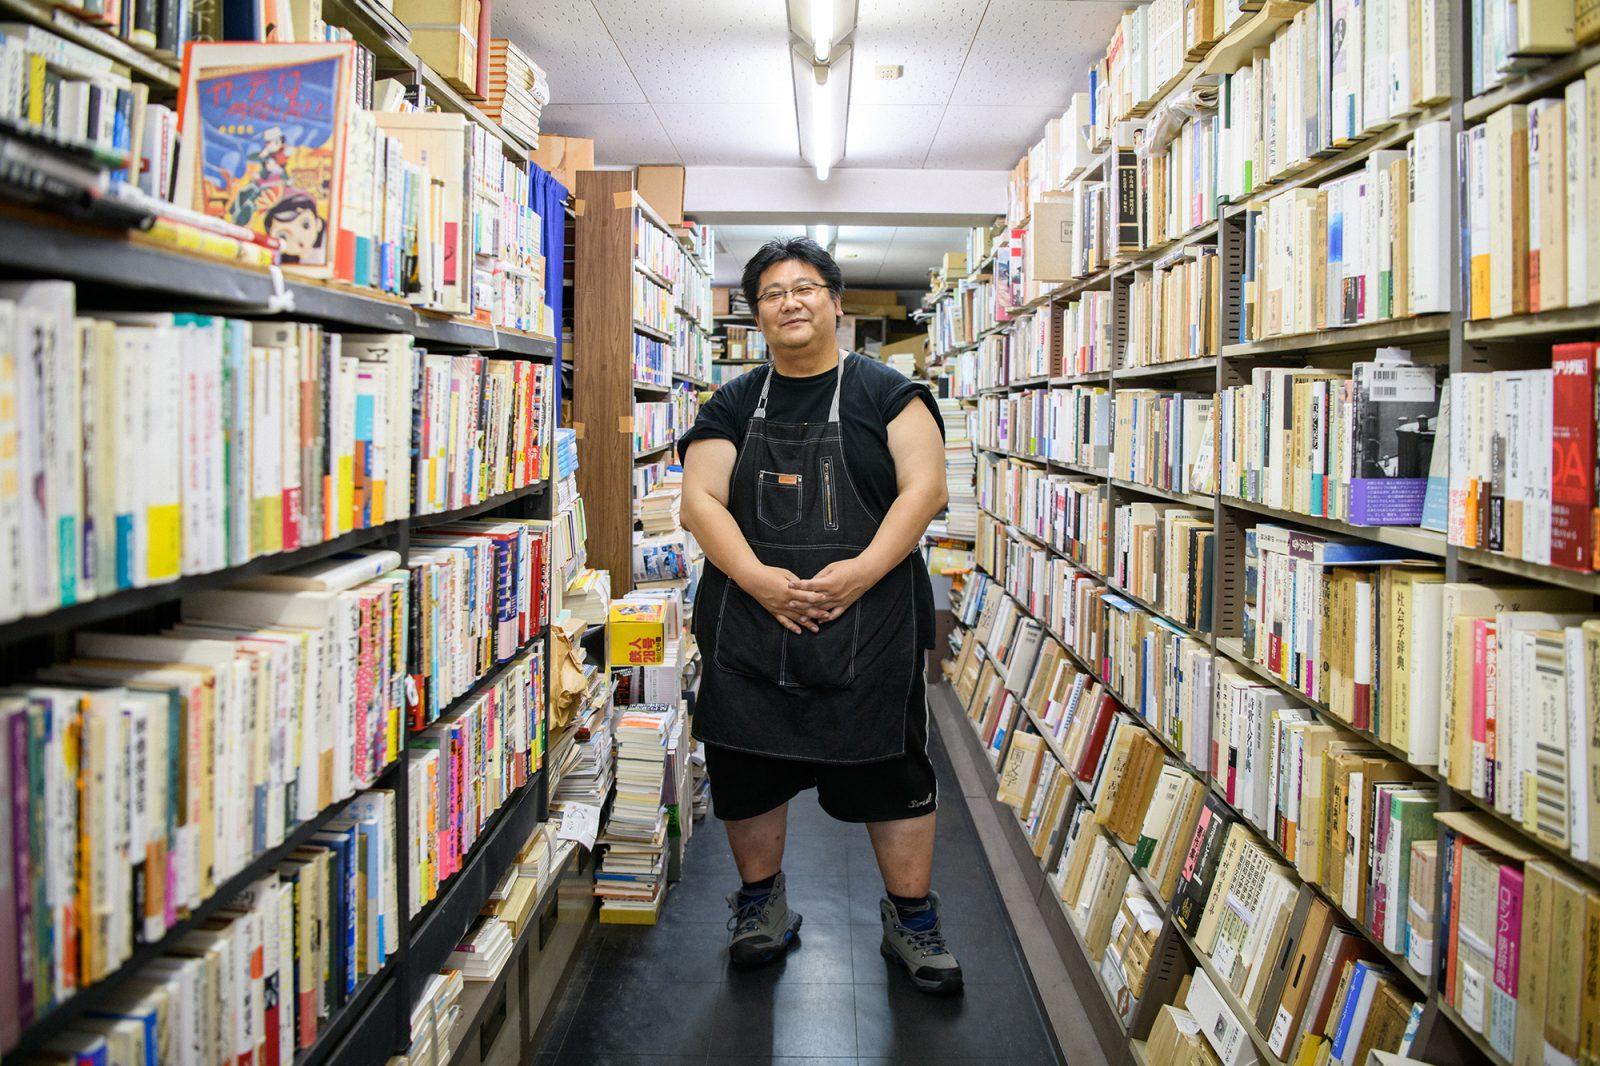 本に関わる仲間が集まり 商店街を古書店街に